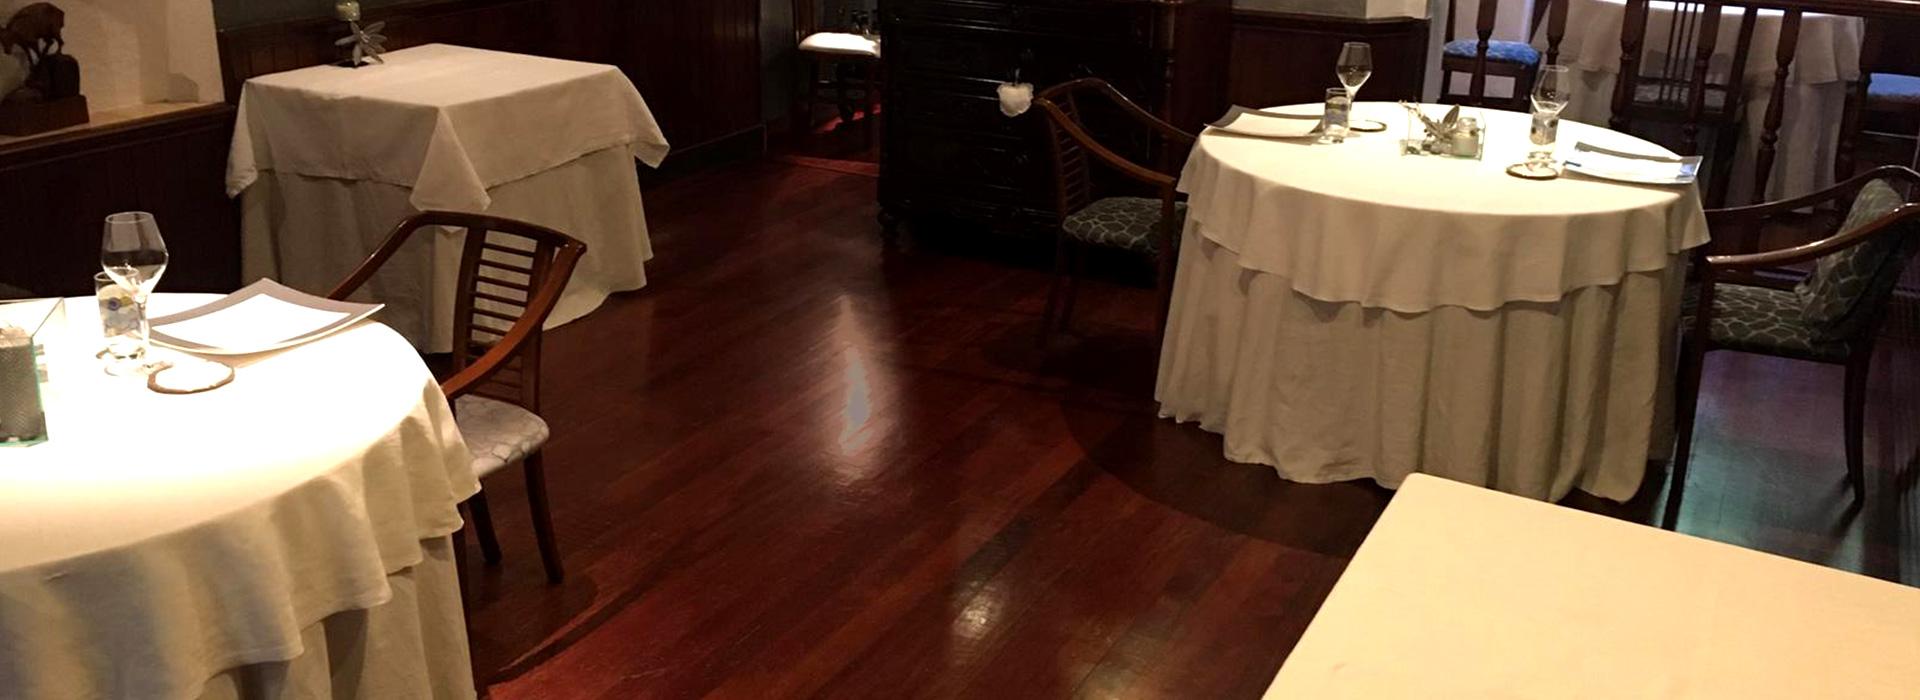 distancia-taules-covid19-el-nou-cents-restaurant